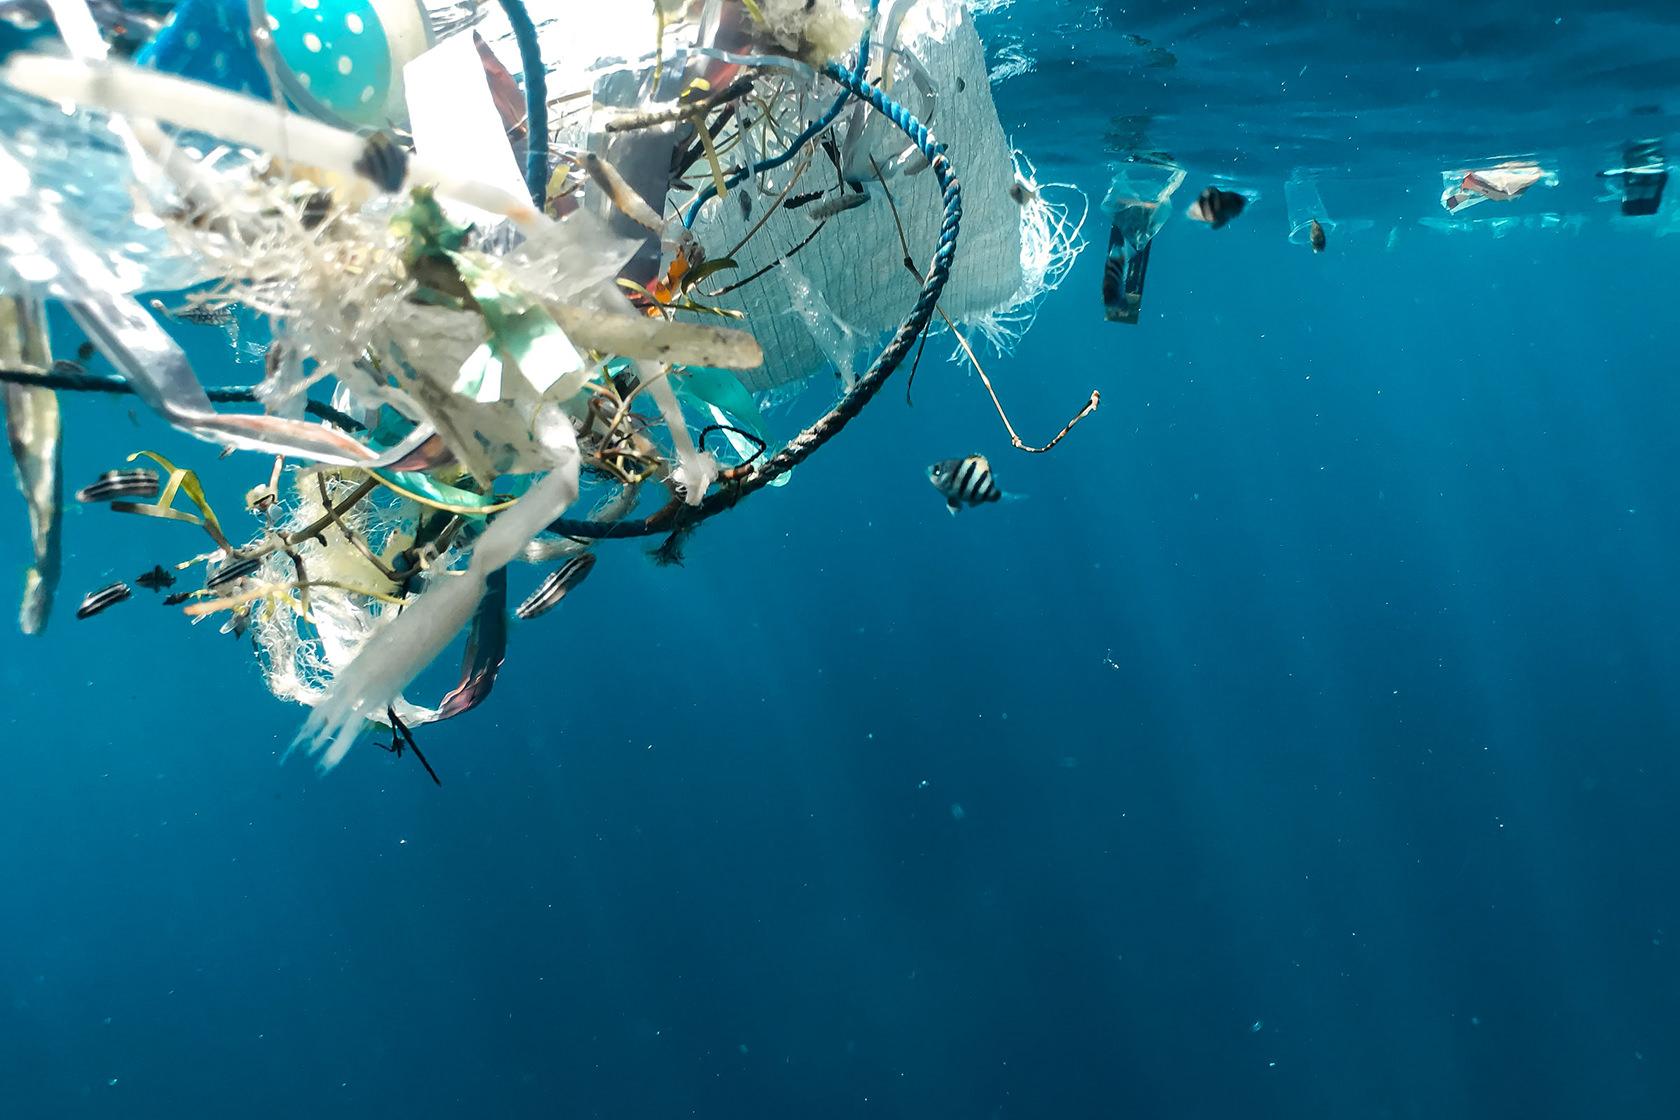 海洋プラスチック問題とは。その全容と問題解決に繋げるCCG HONANDOの取り組みについて